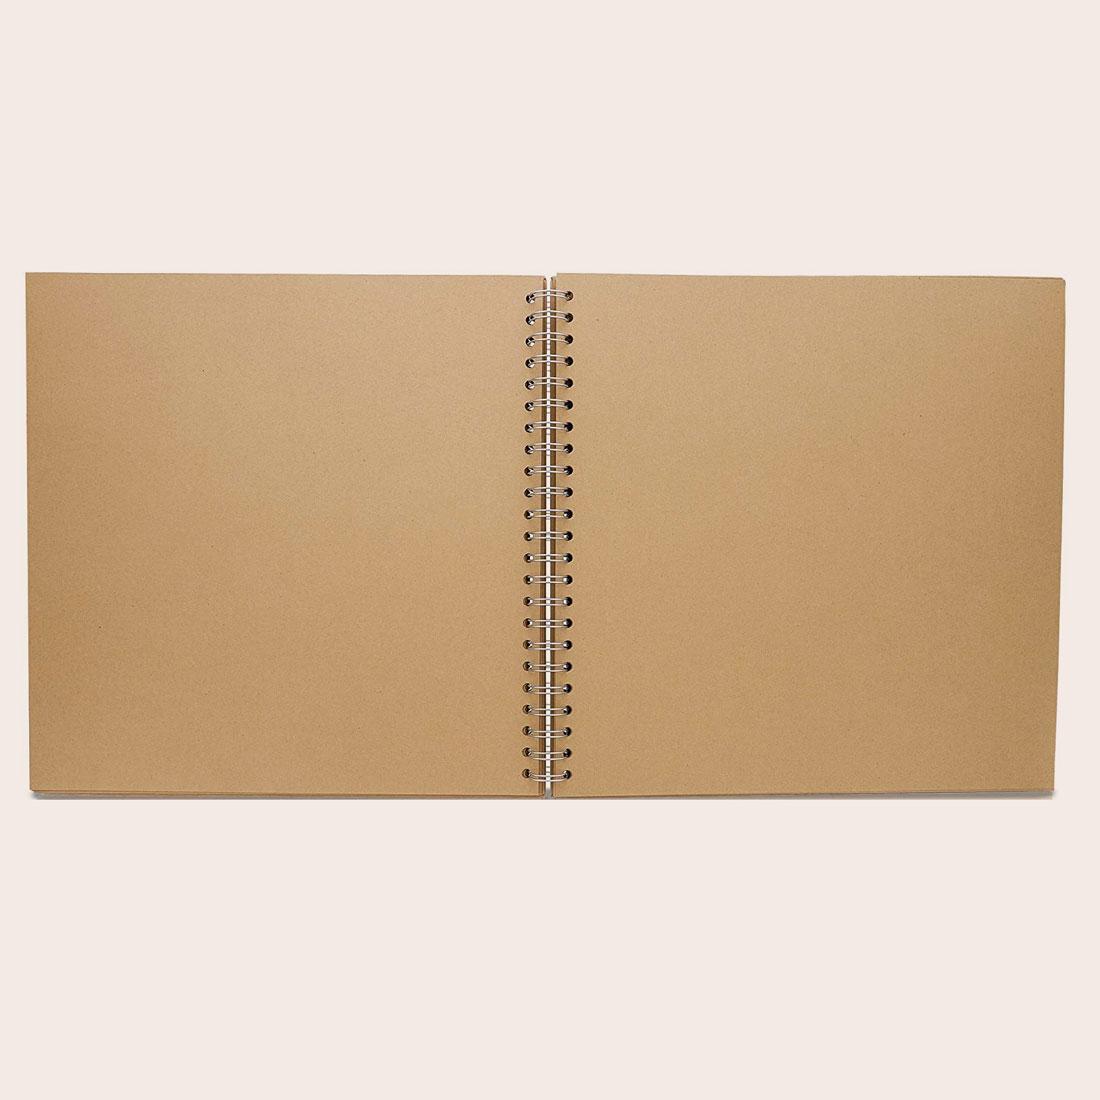 Livre d'or kraft mariage personnalisé livre d'or papier kraft